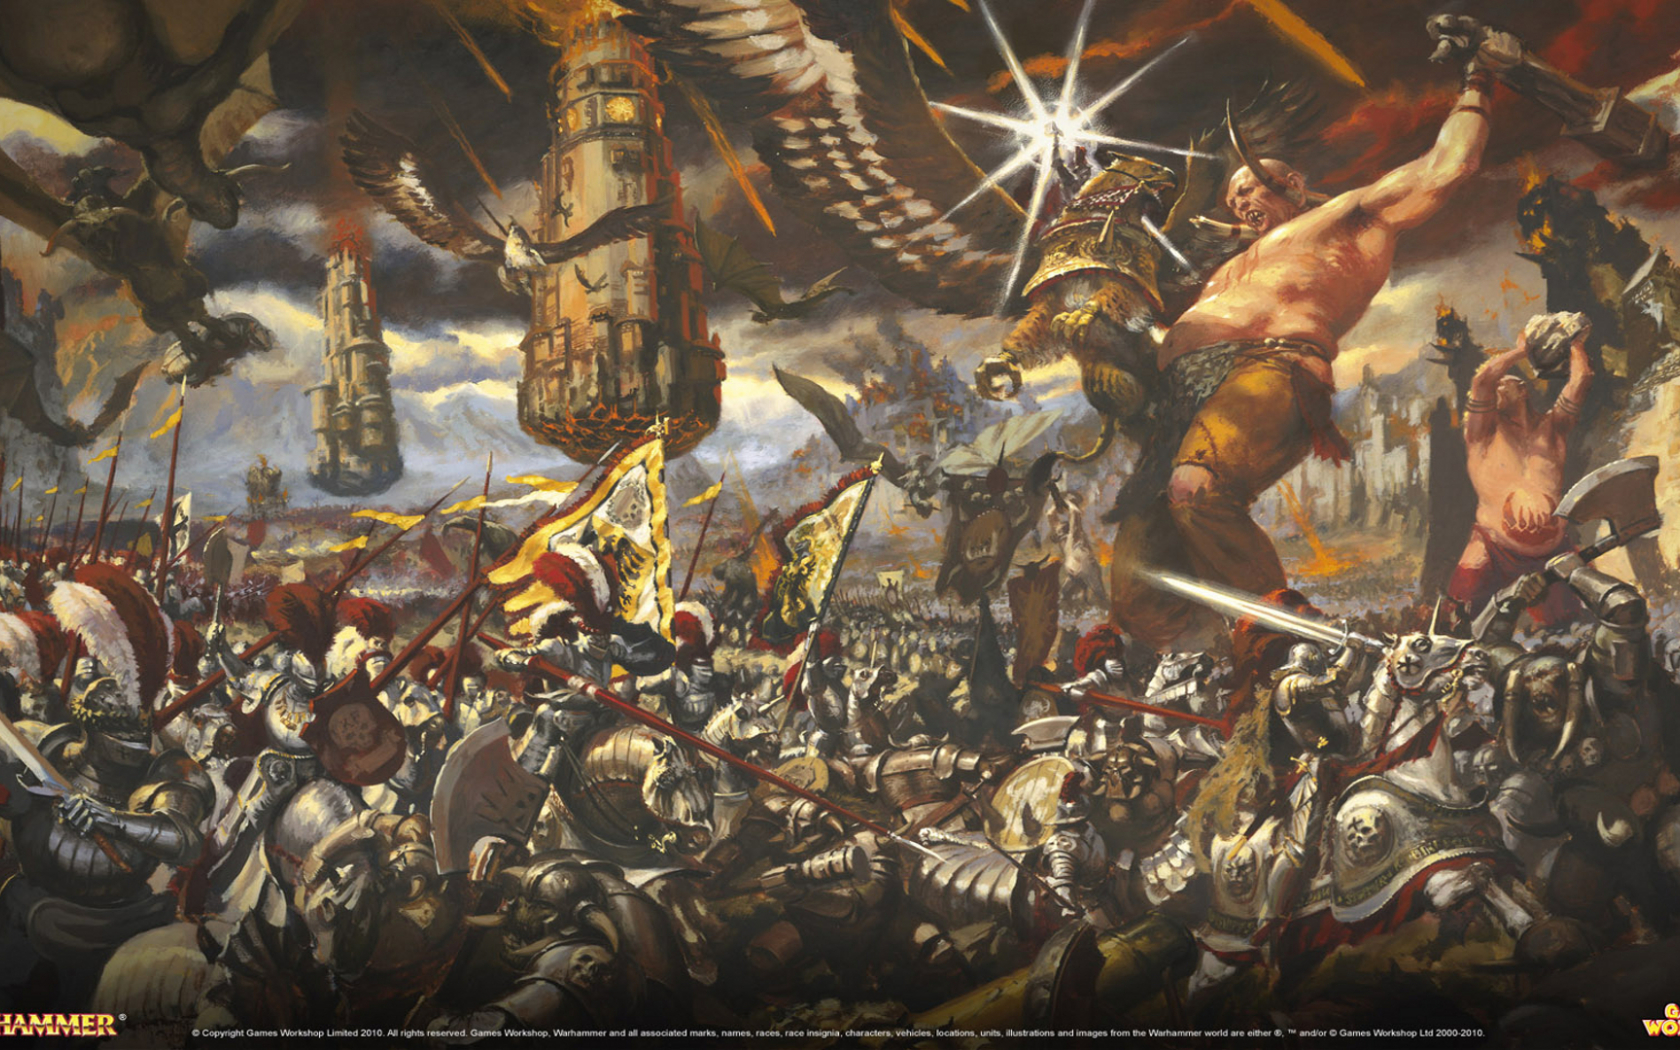 Free Download Warhammer Desktop Wallpaper 1920x1080 For Your Desktop Mobile Tablet Explore 76 Warhammer Wallpaper Wh40k Wallpapers Total War Warhammer Wallpaper Cool Warhammer 40k Wallpapers